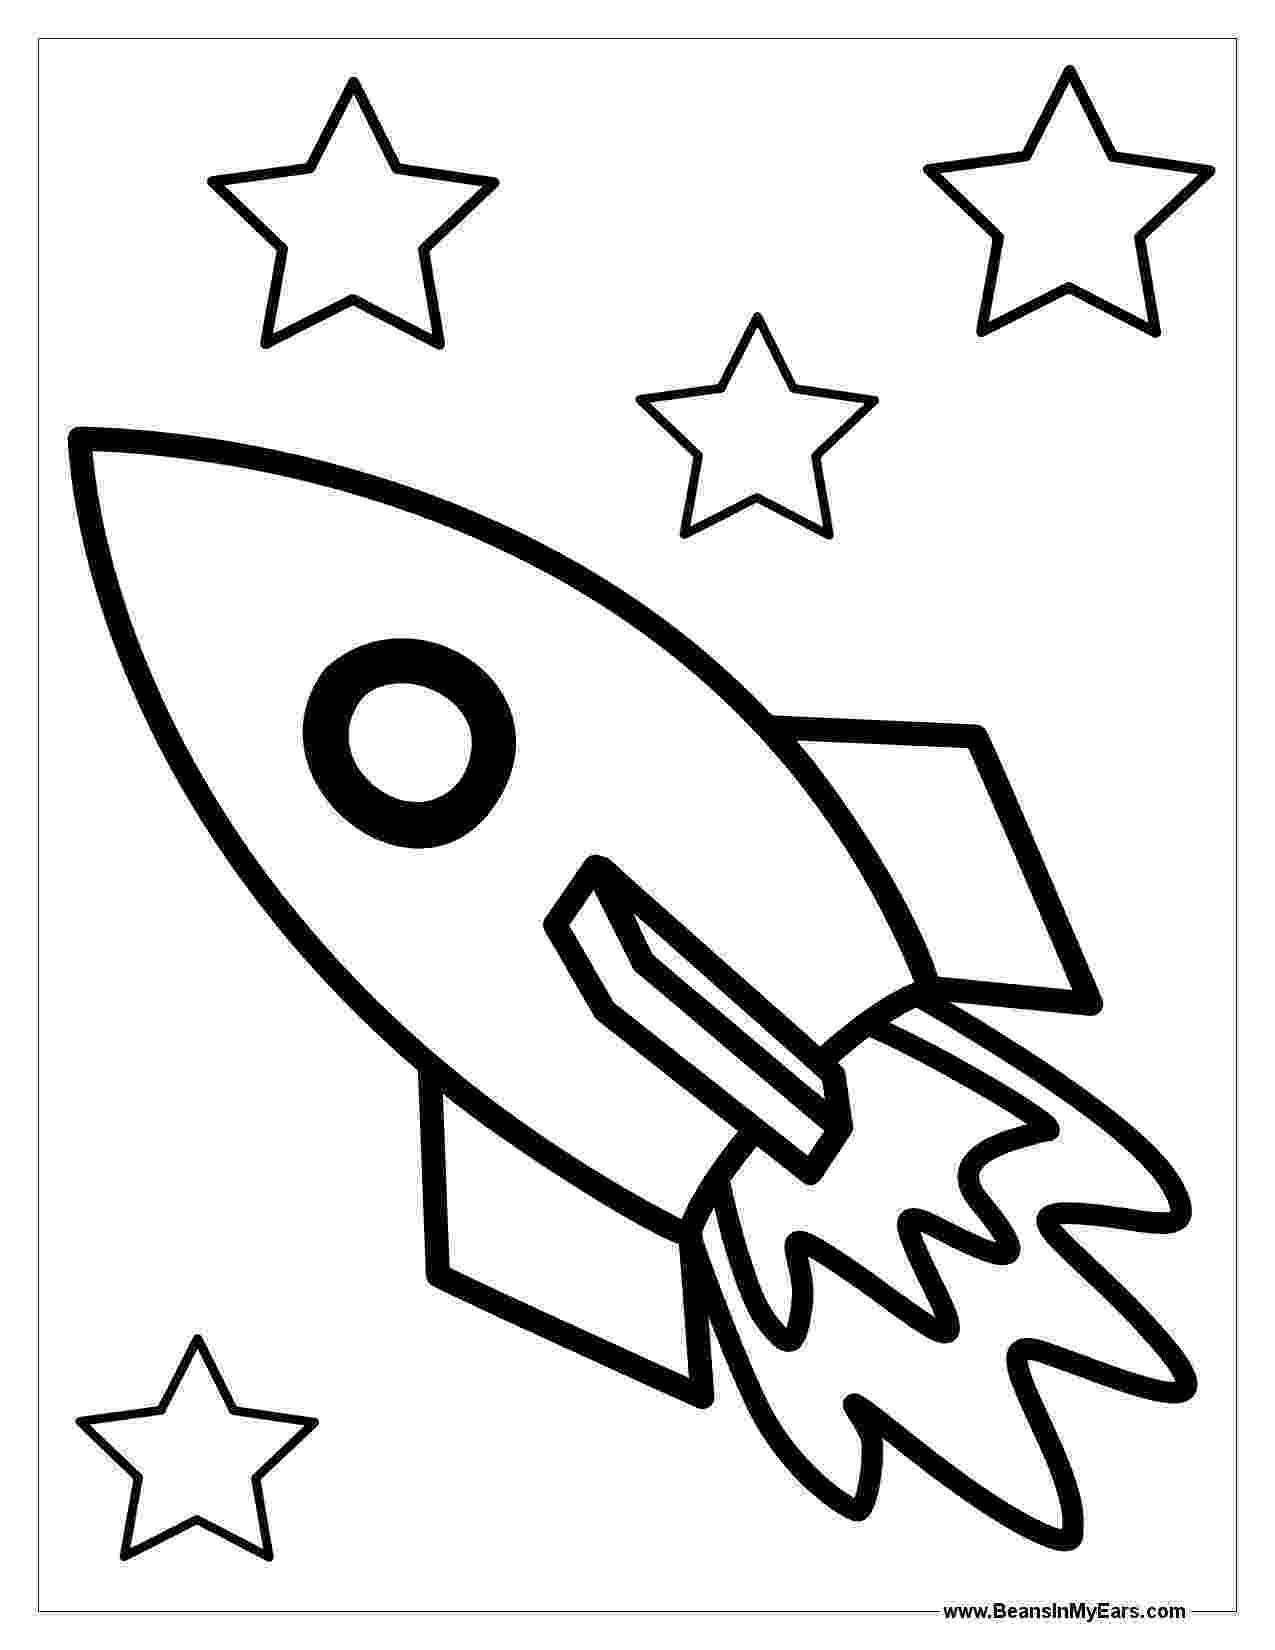 colouring sheet rocket rocket ship outline free download best rocket ship sheet rocket colouring